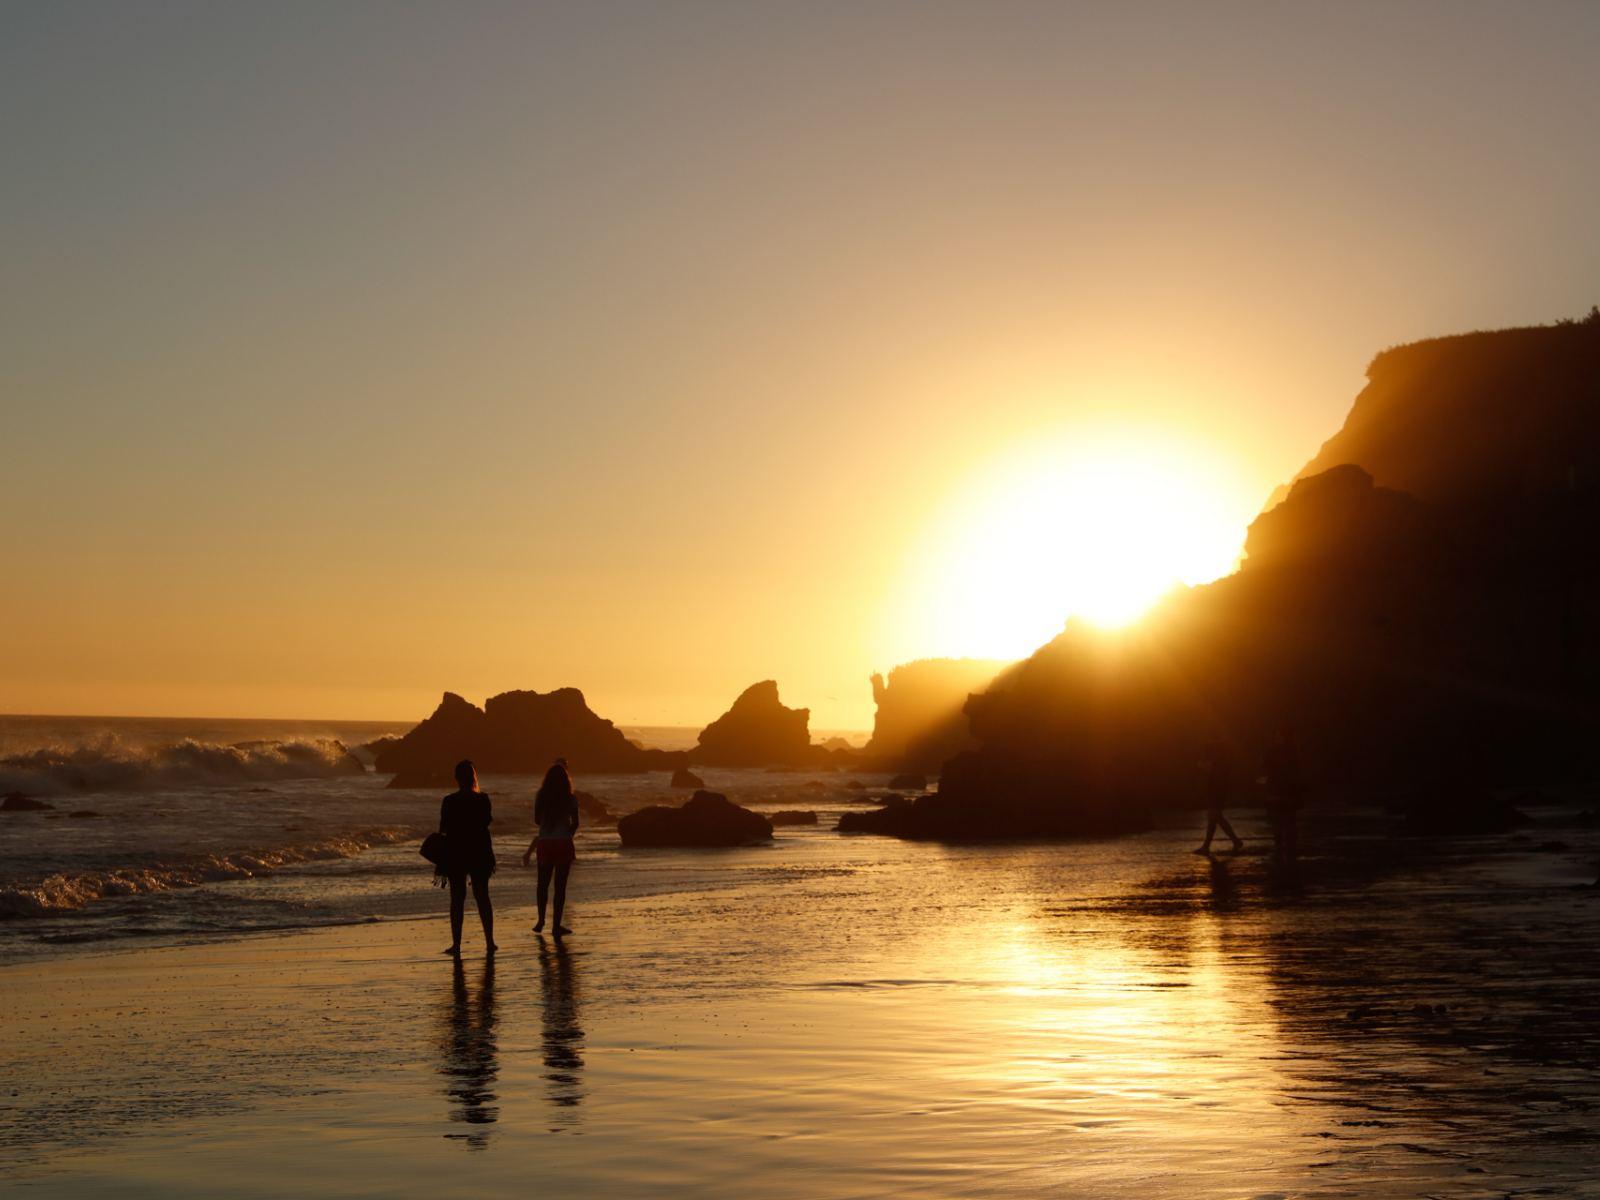 El Matador State Beach in Malibu   |  Photo: Yuri Hasegawa